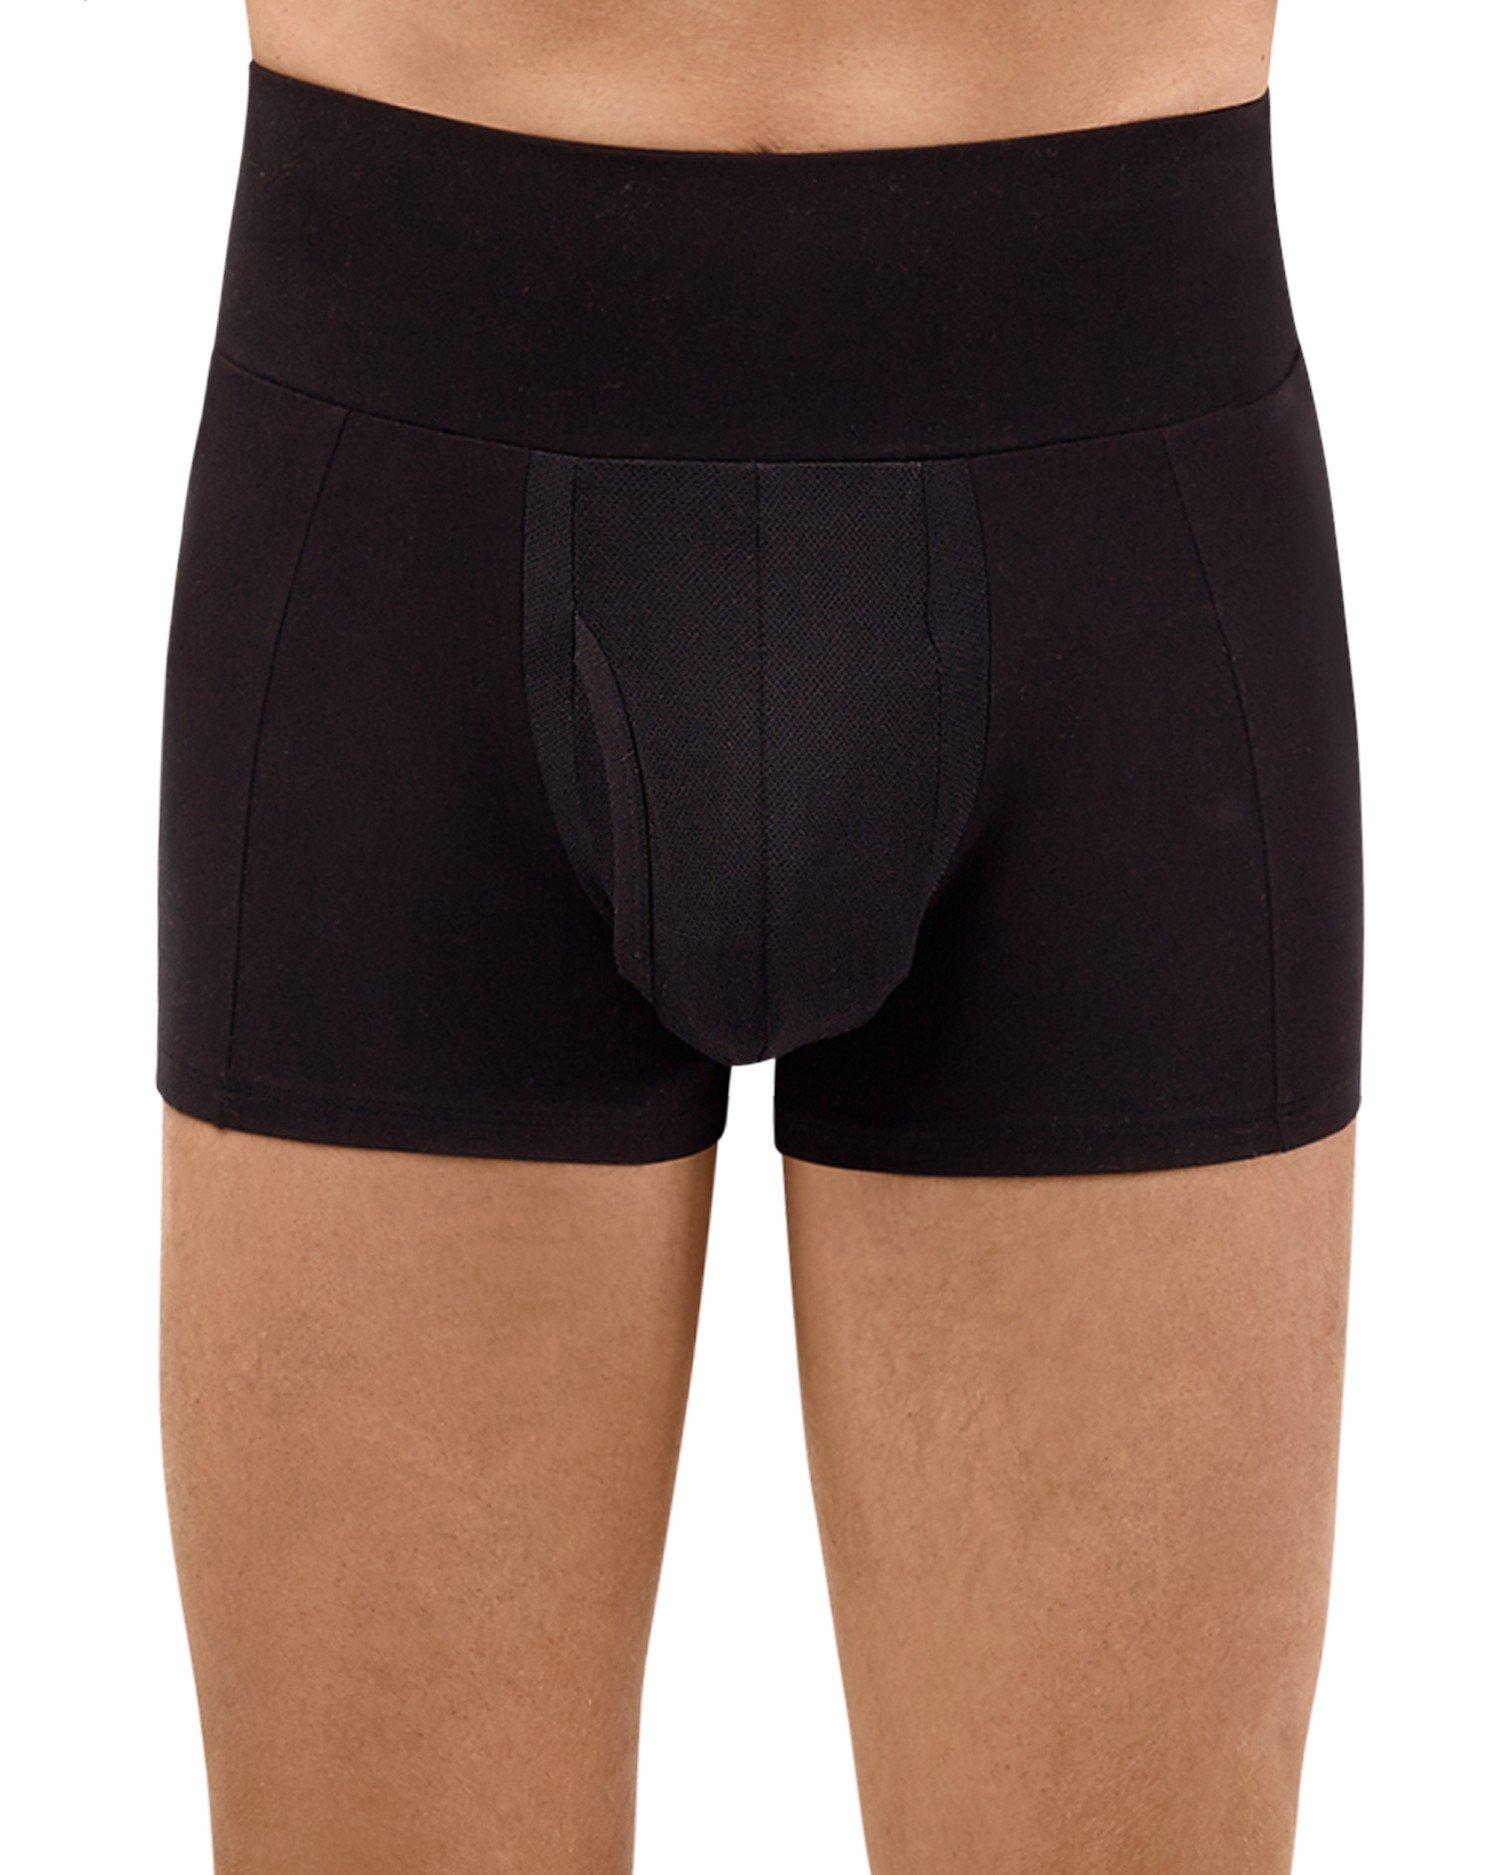 Spanx for Men Men's Slim-Waist¿ Trunk Black Underwear